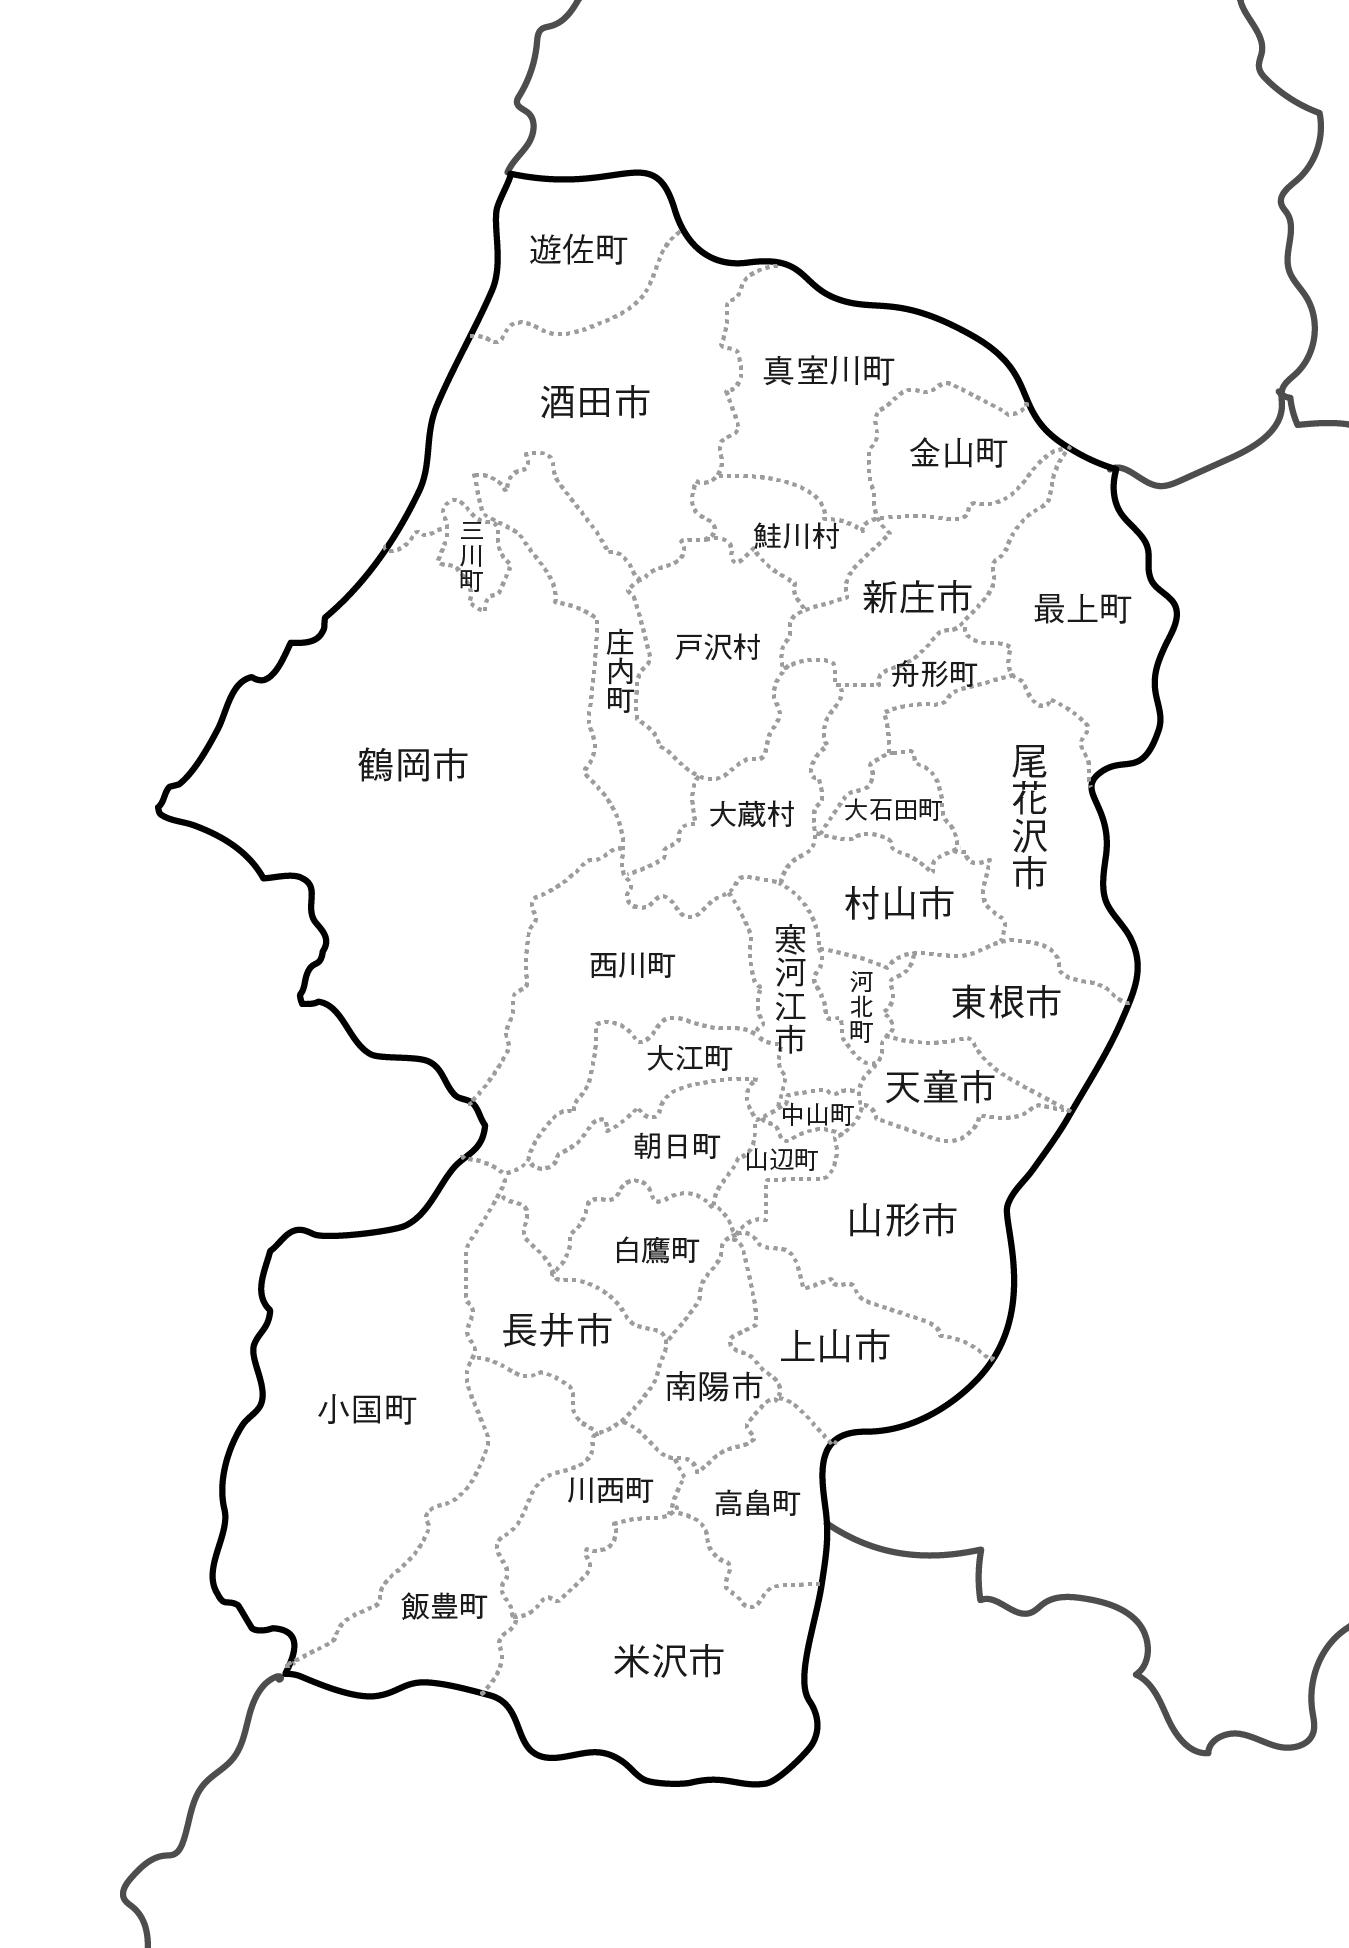 [白地図]山形県・ラインあり・市区町村名あり・隣県あり